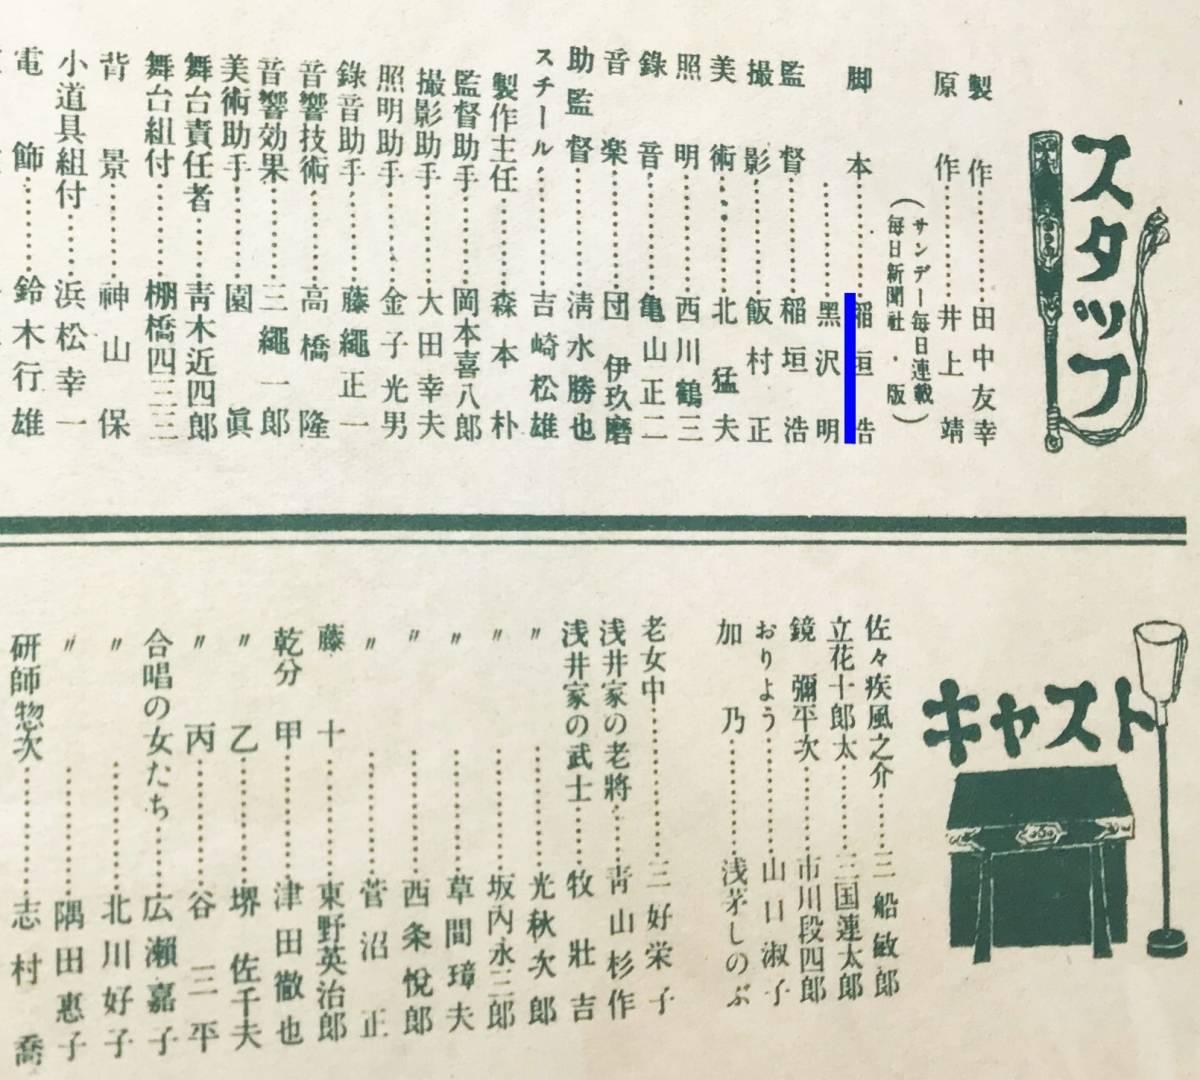 戦国無頼 B5 昭27 初版 黒澤明脚色、稲垣浩監督、三船敏郎_画像3